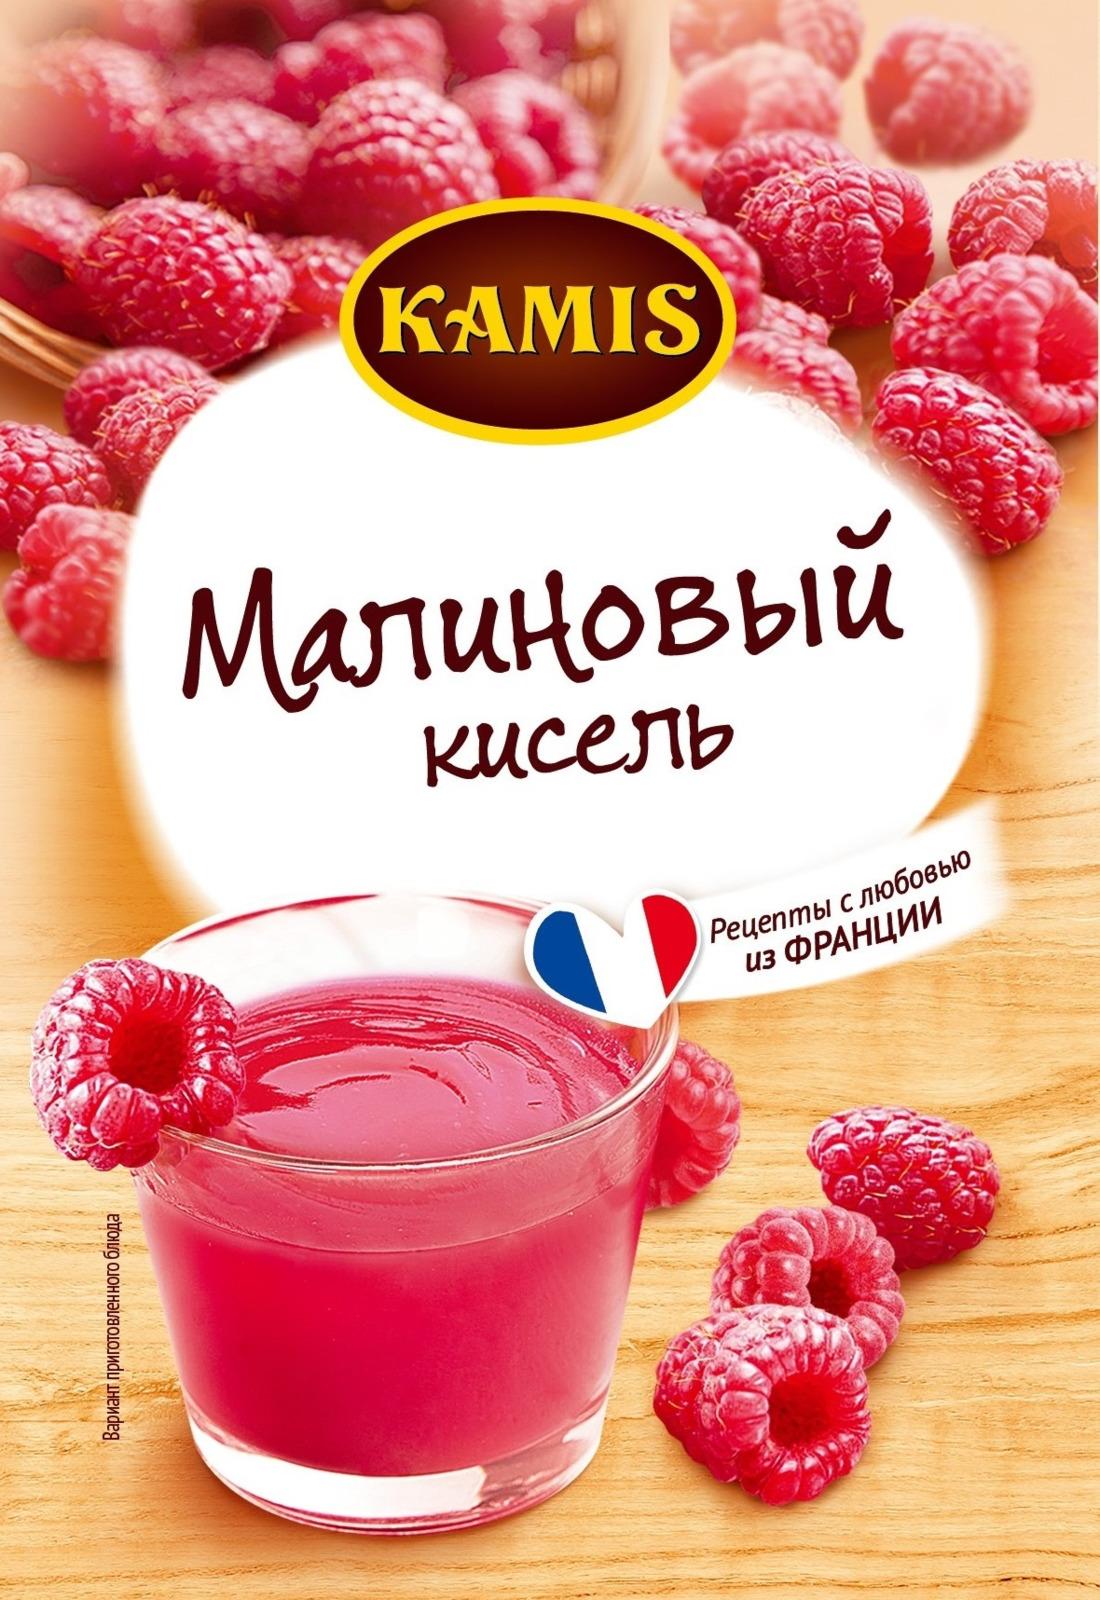 Кисель Kamis Малиновый моментального приготовления, 30 г